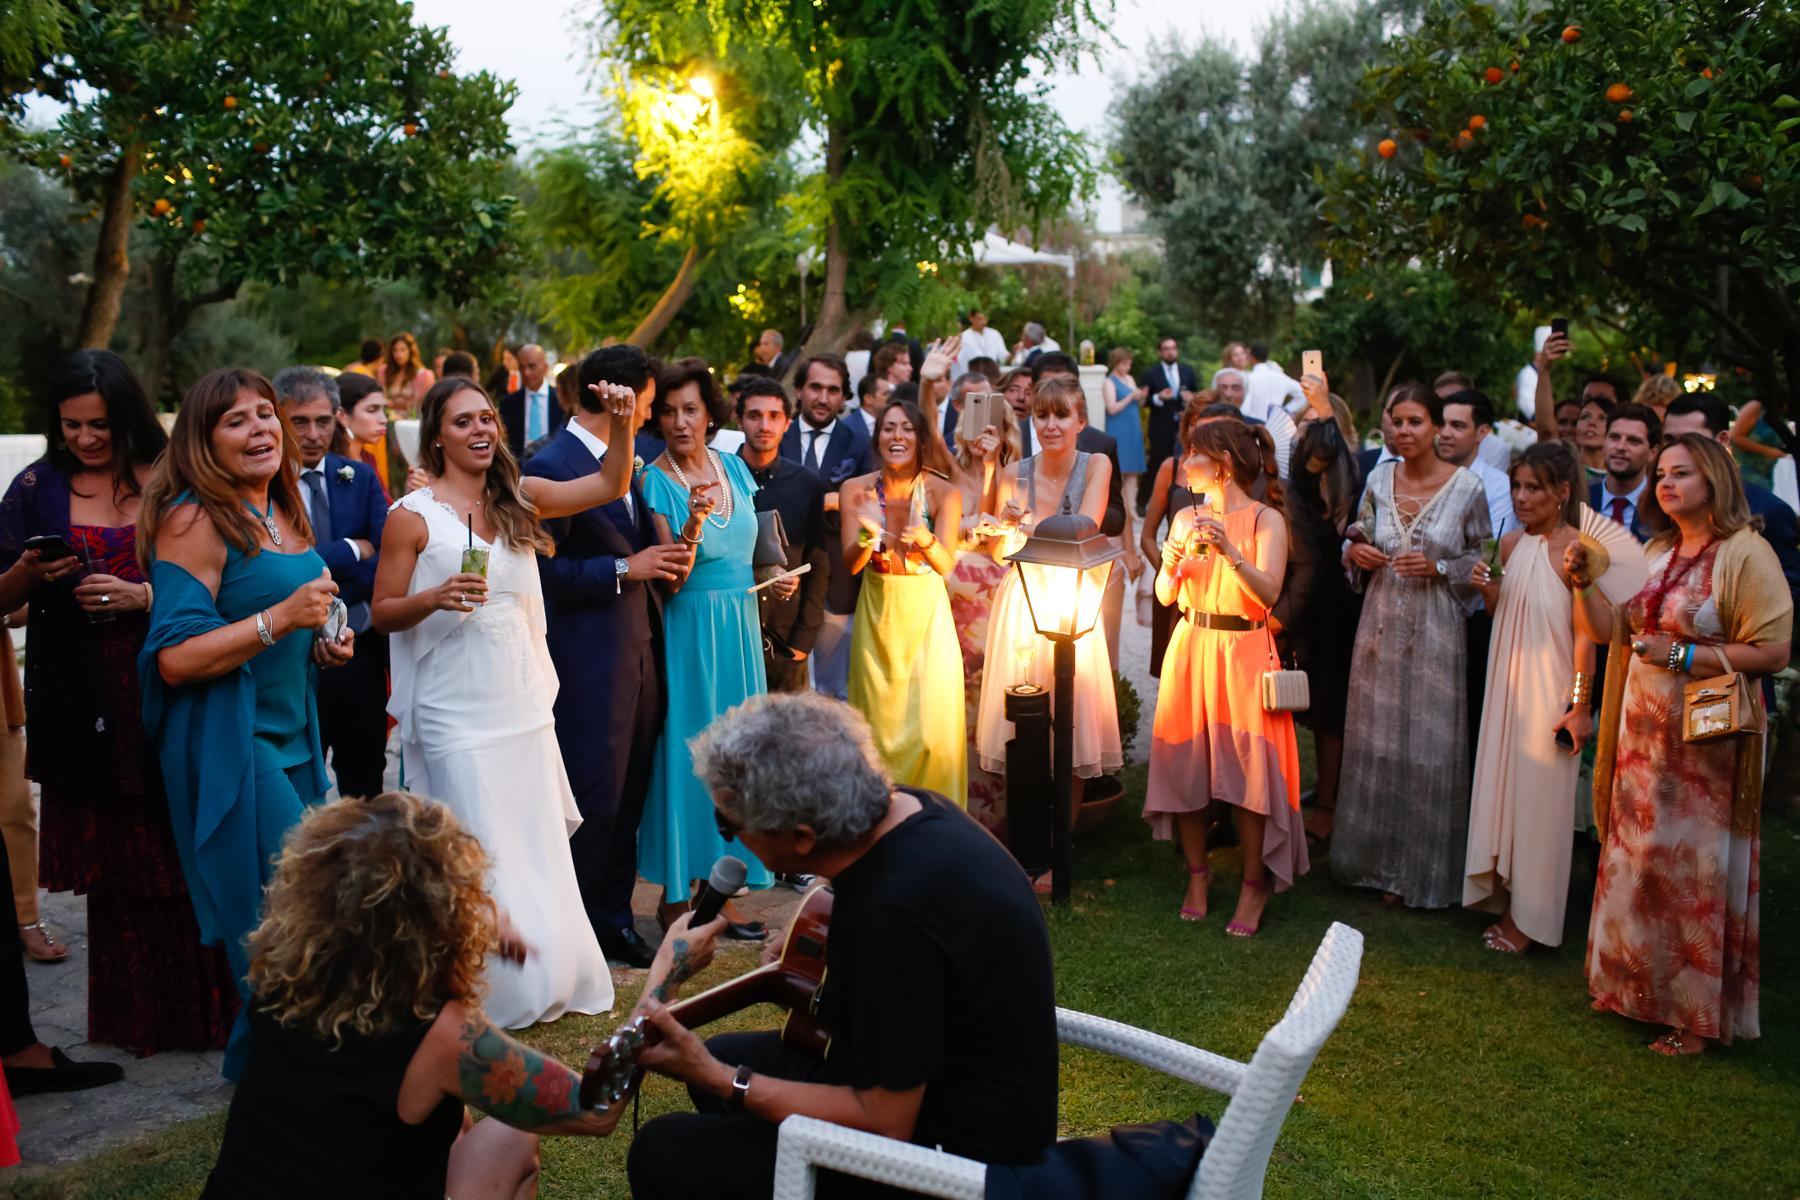 0208-_MG_9621fotografo-matrimonio-napoli-scattidamore